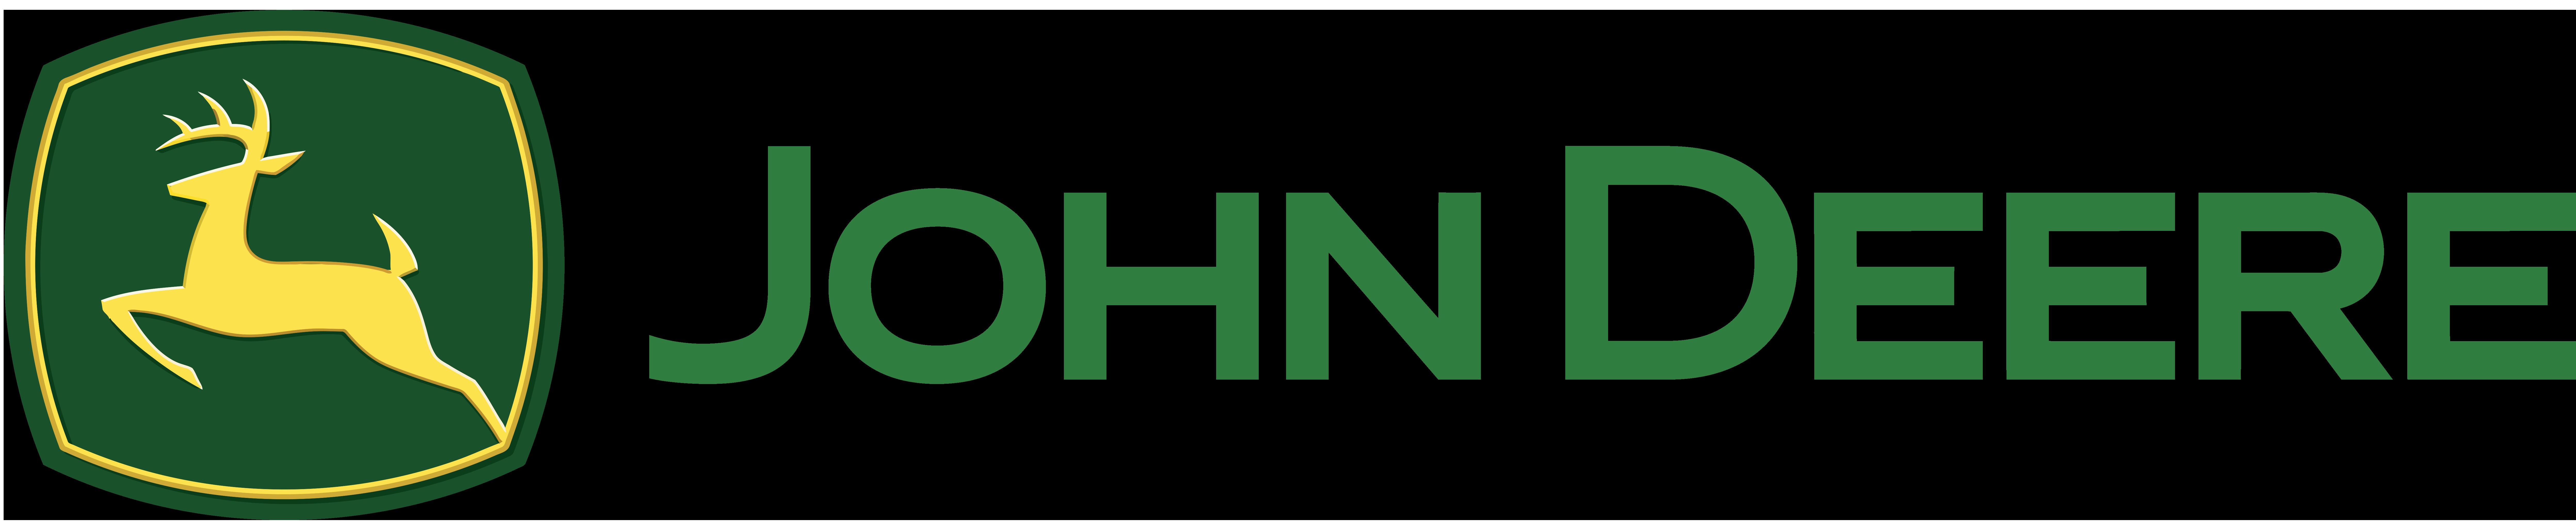 JOHN DEERE.png